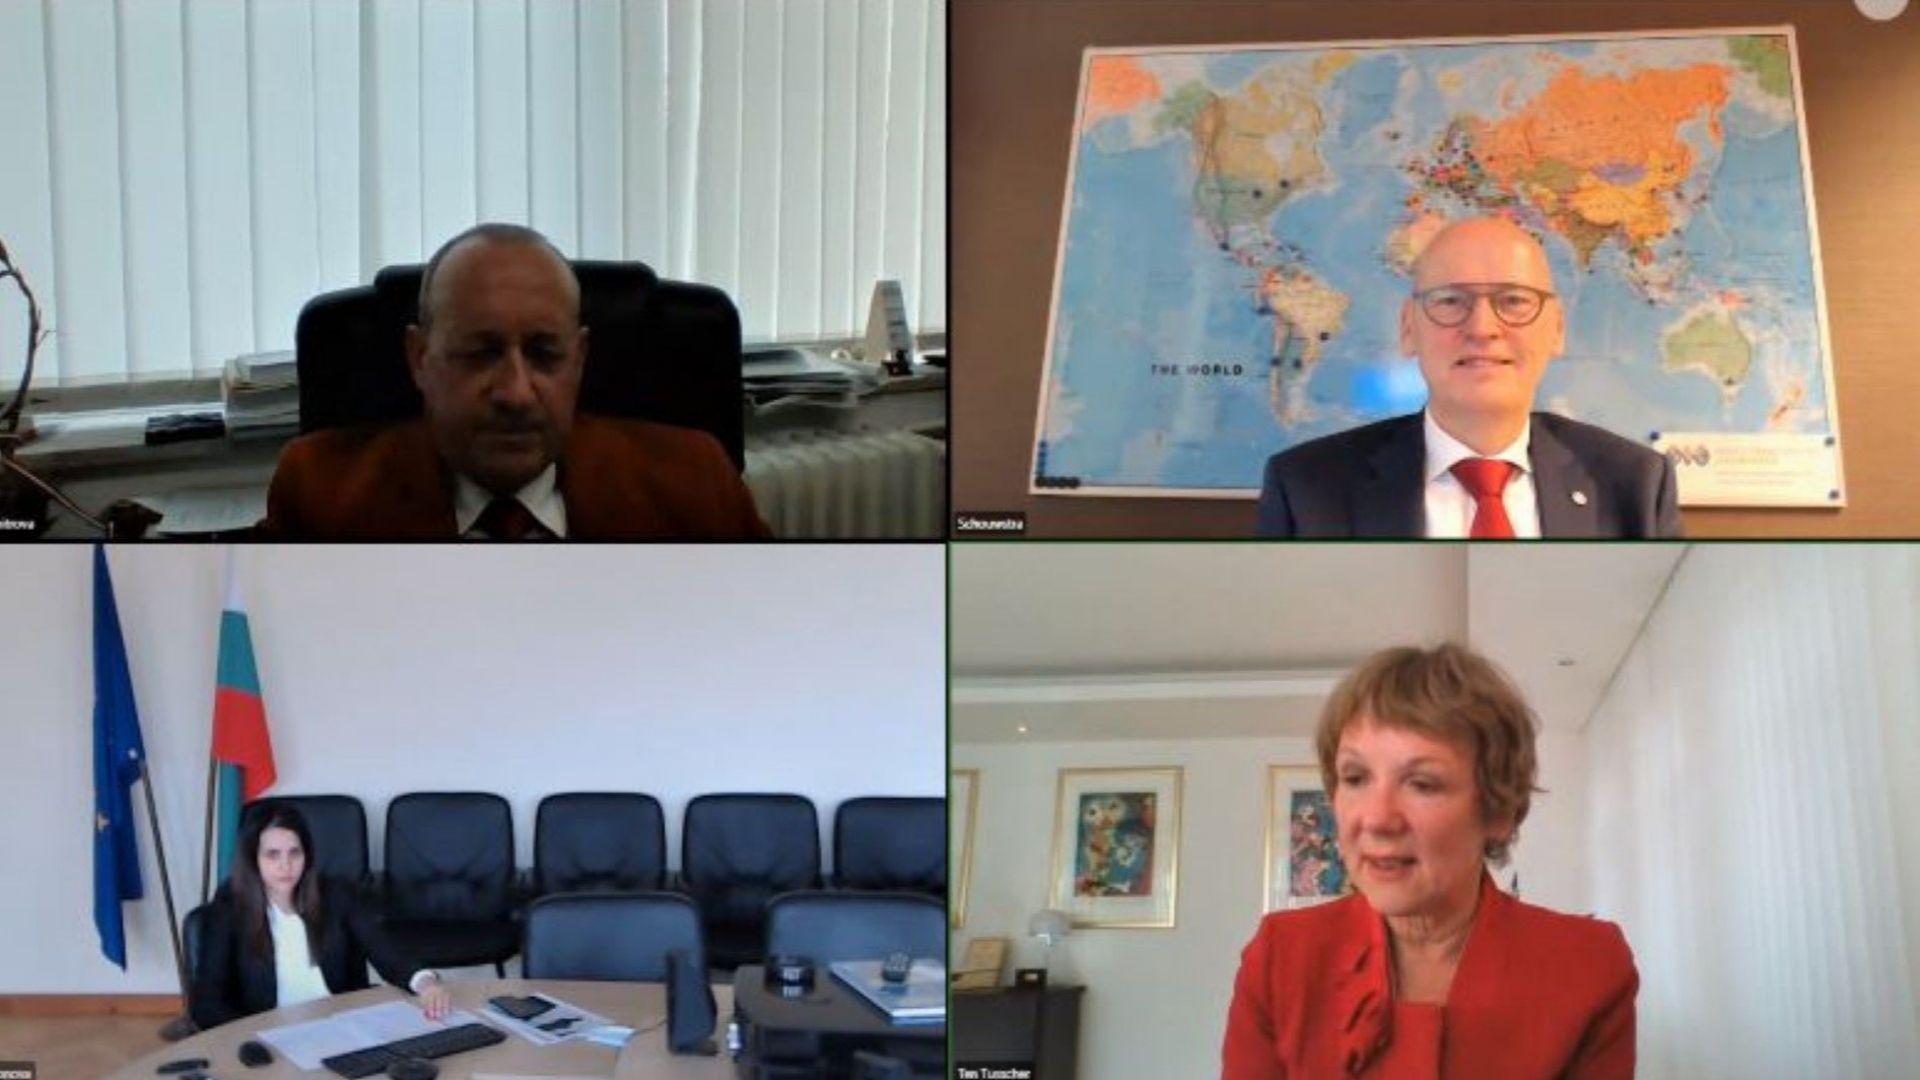 Проучване: 95% от чуждите компании са готови да разширят инвестициите си в България